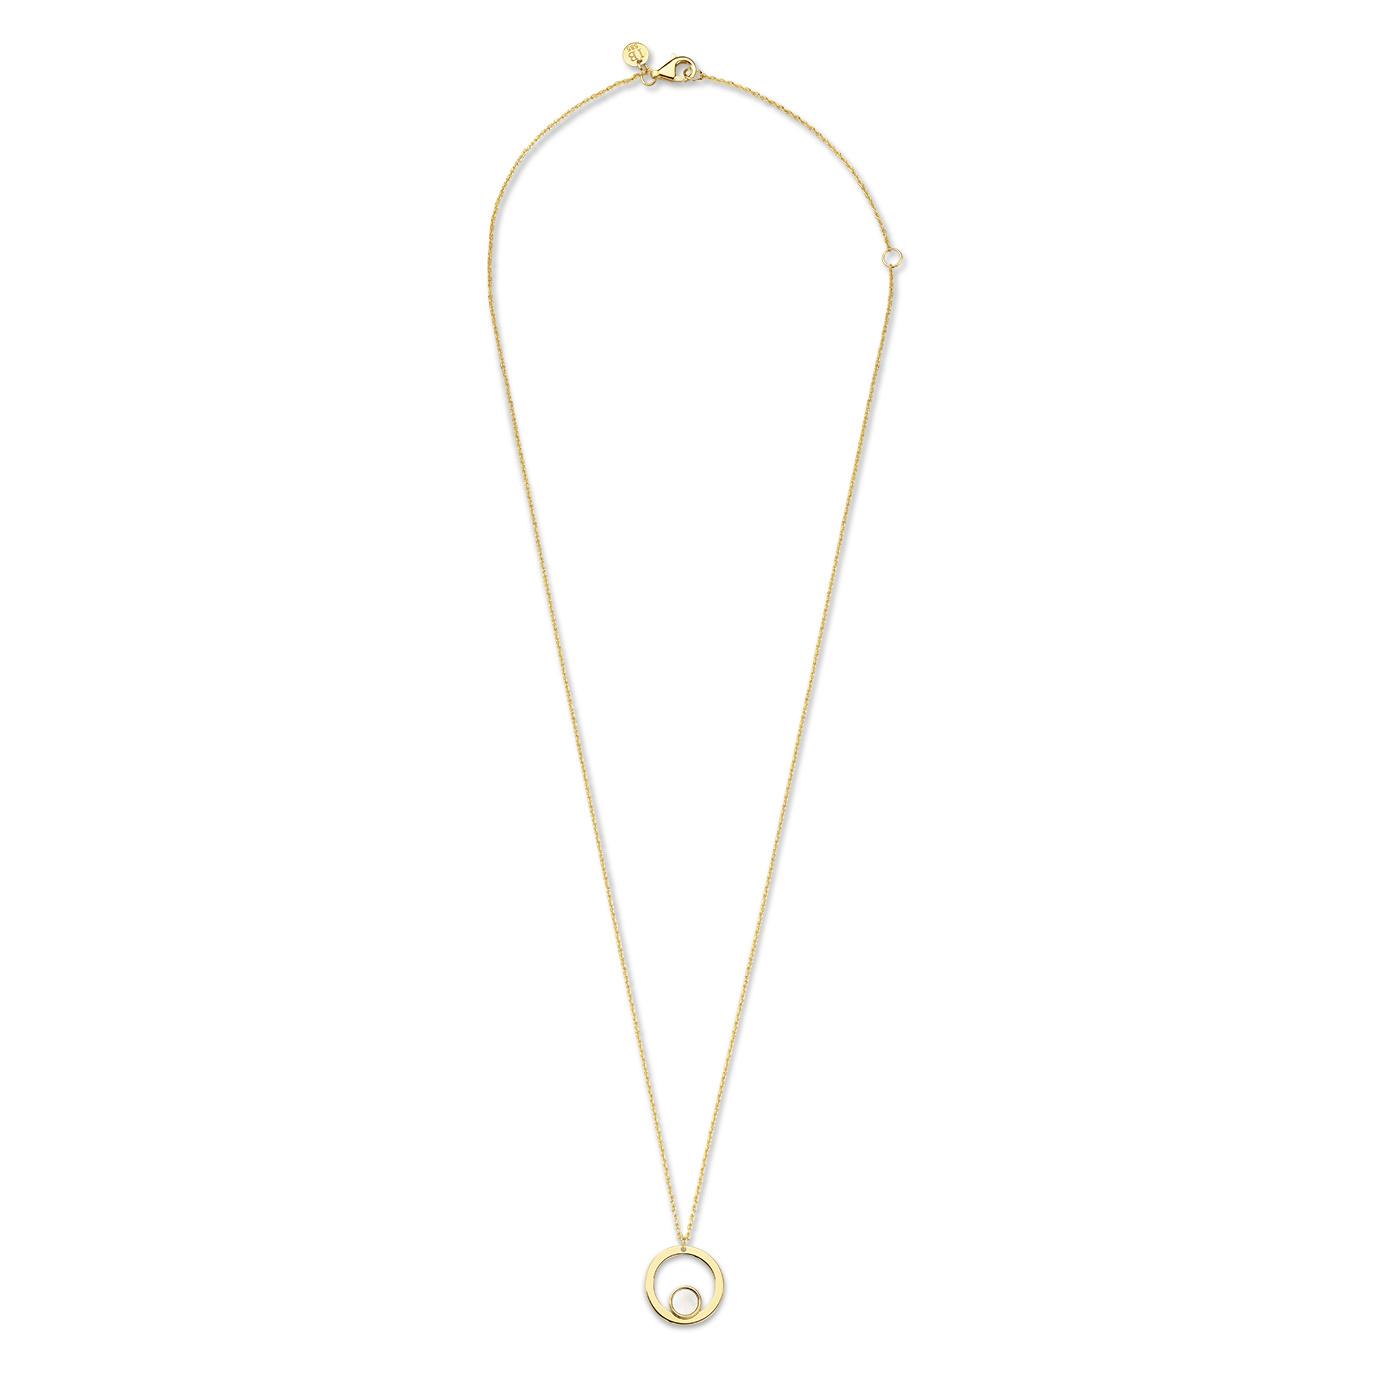 Isabel Bernard Belleville Mila 14 carat gold necklace